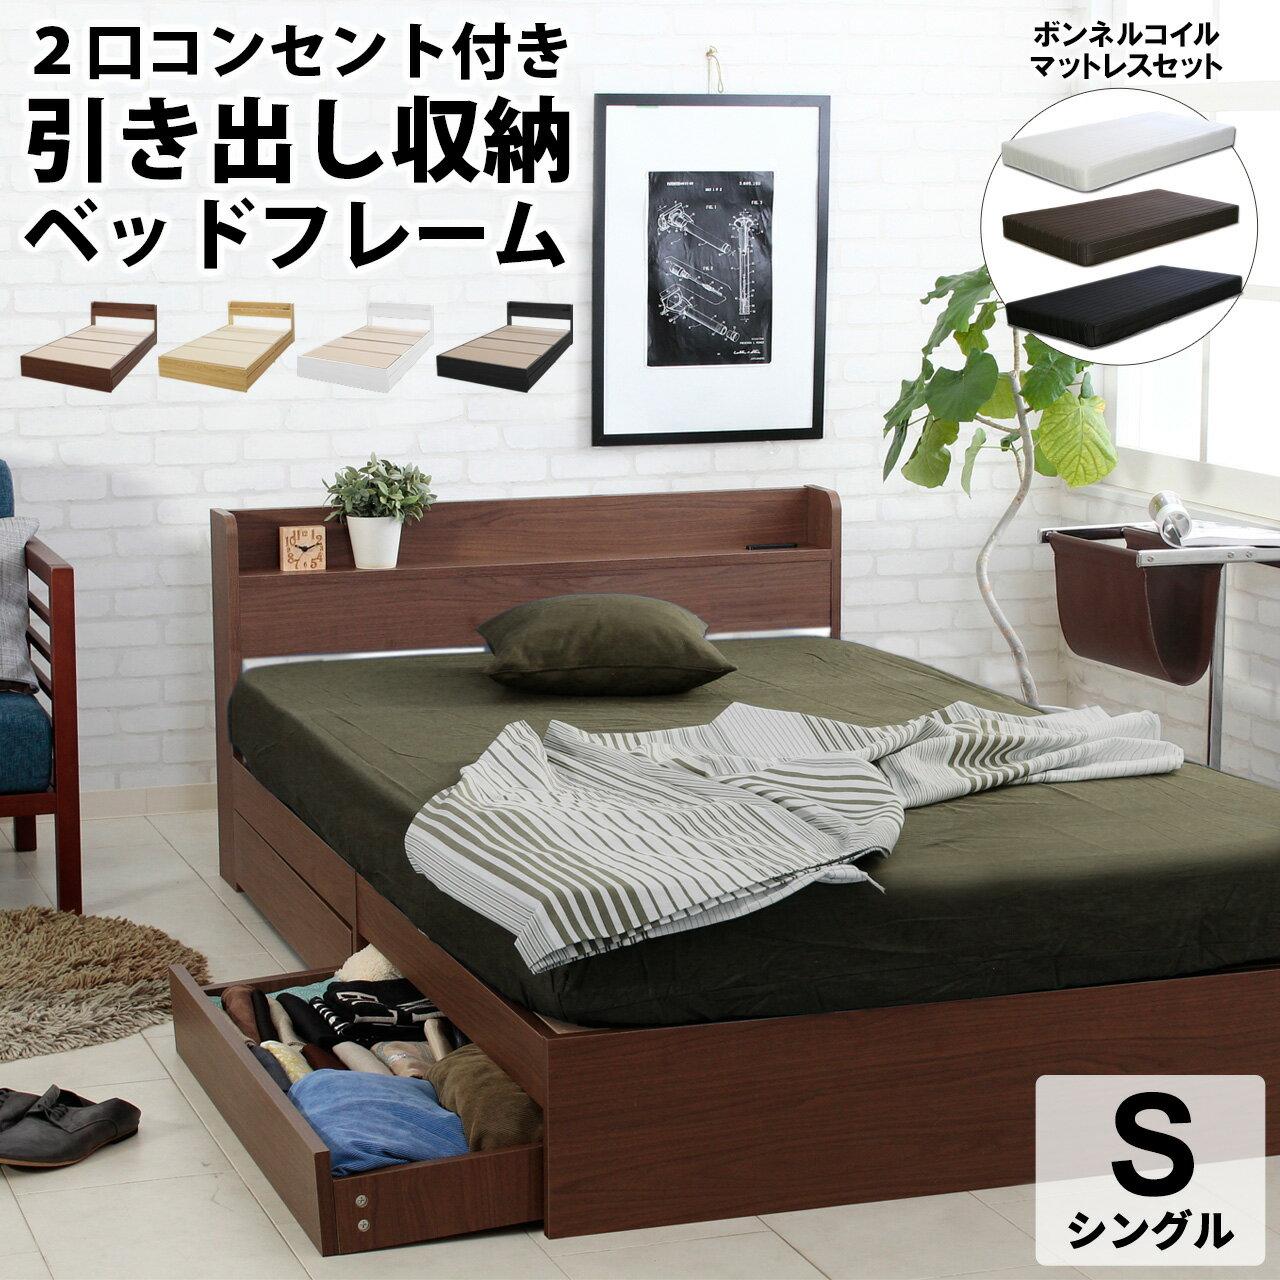 ★エントリーで全品P5倍★ベッド ベッドフレーム シングルベッド ベット シングル 収納付き 木製ベッド コンセント付き 収納ベッド 引き出し付きベッド 商品名:エミー/ボンネルマットレス付き